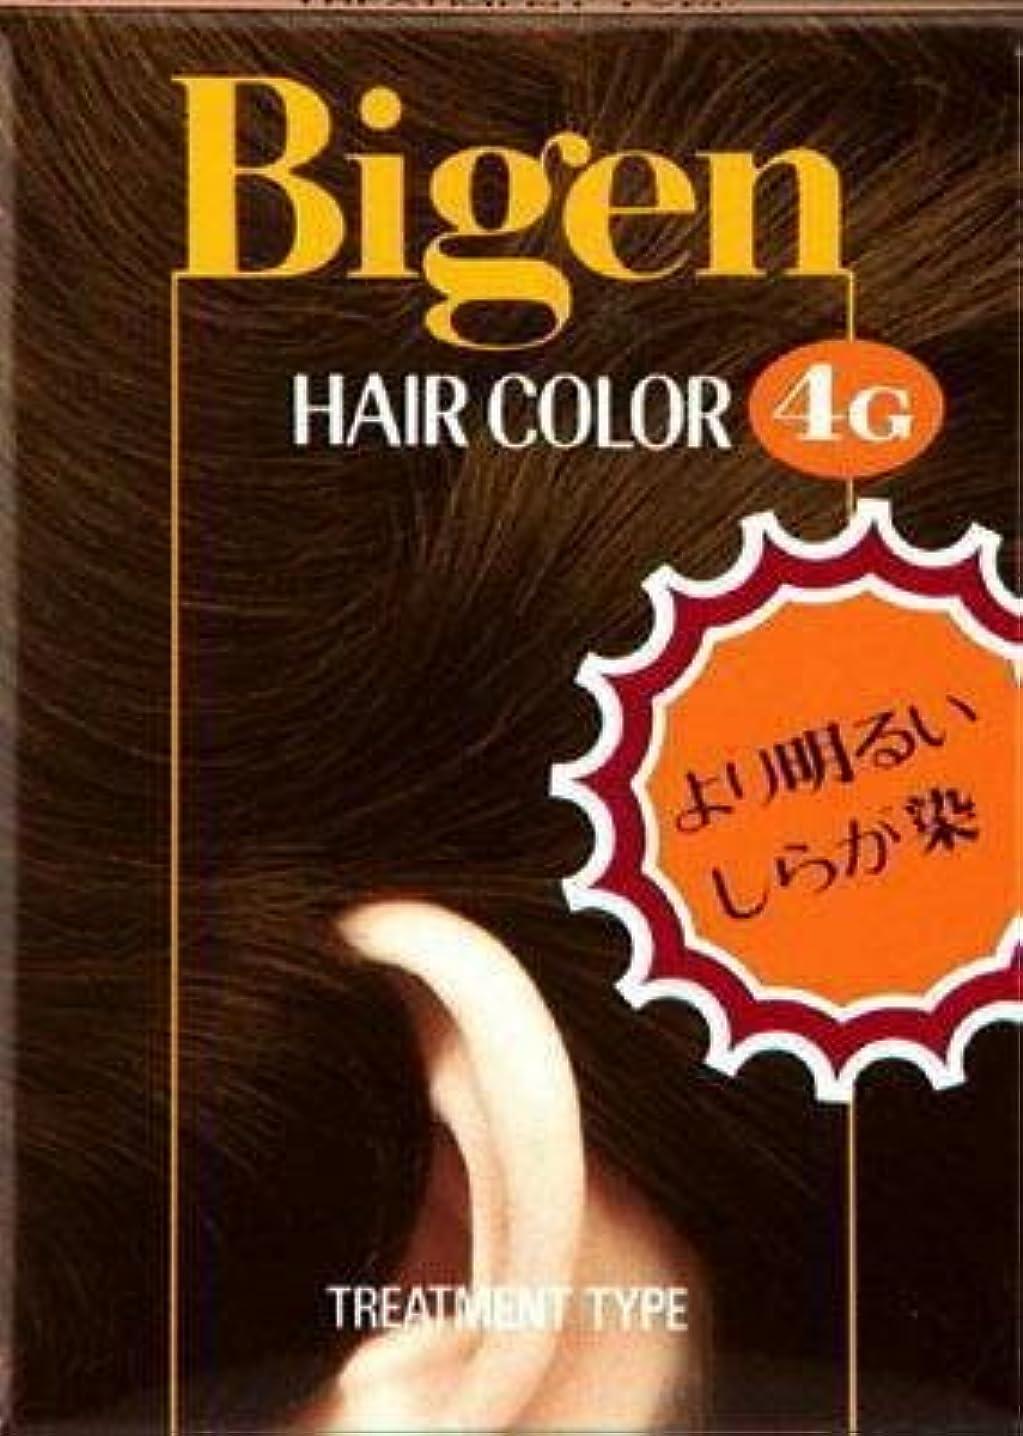 大混乱おっと複合ビゲン ヘアカラー 4G 自然な栗色 × 10個セット